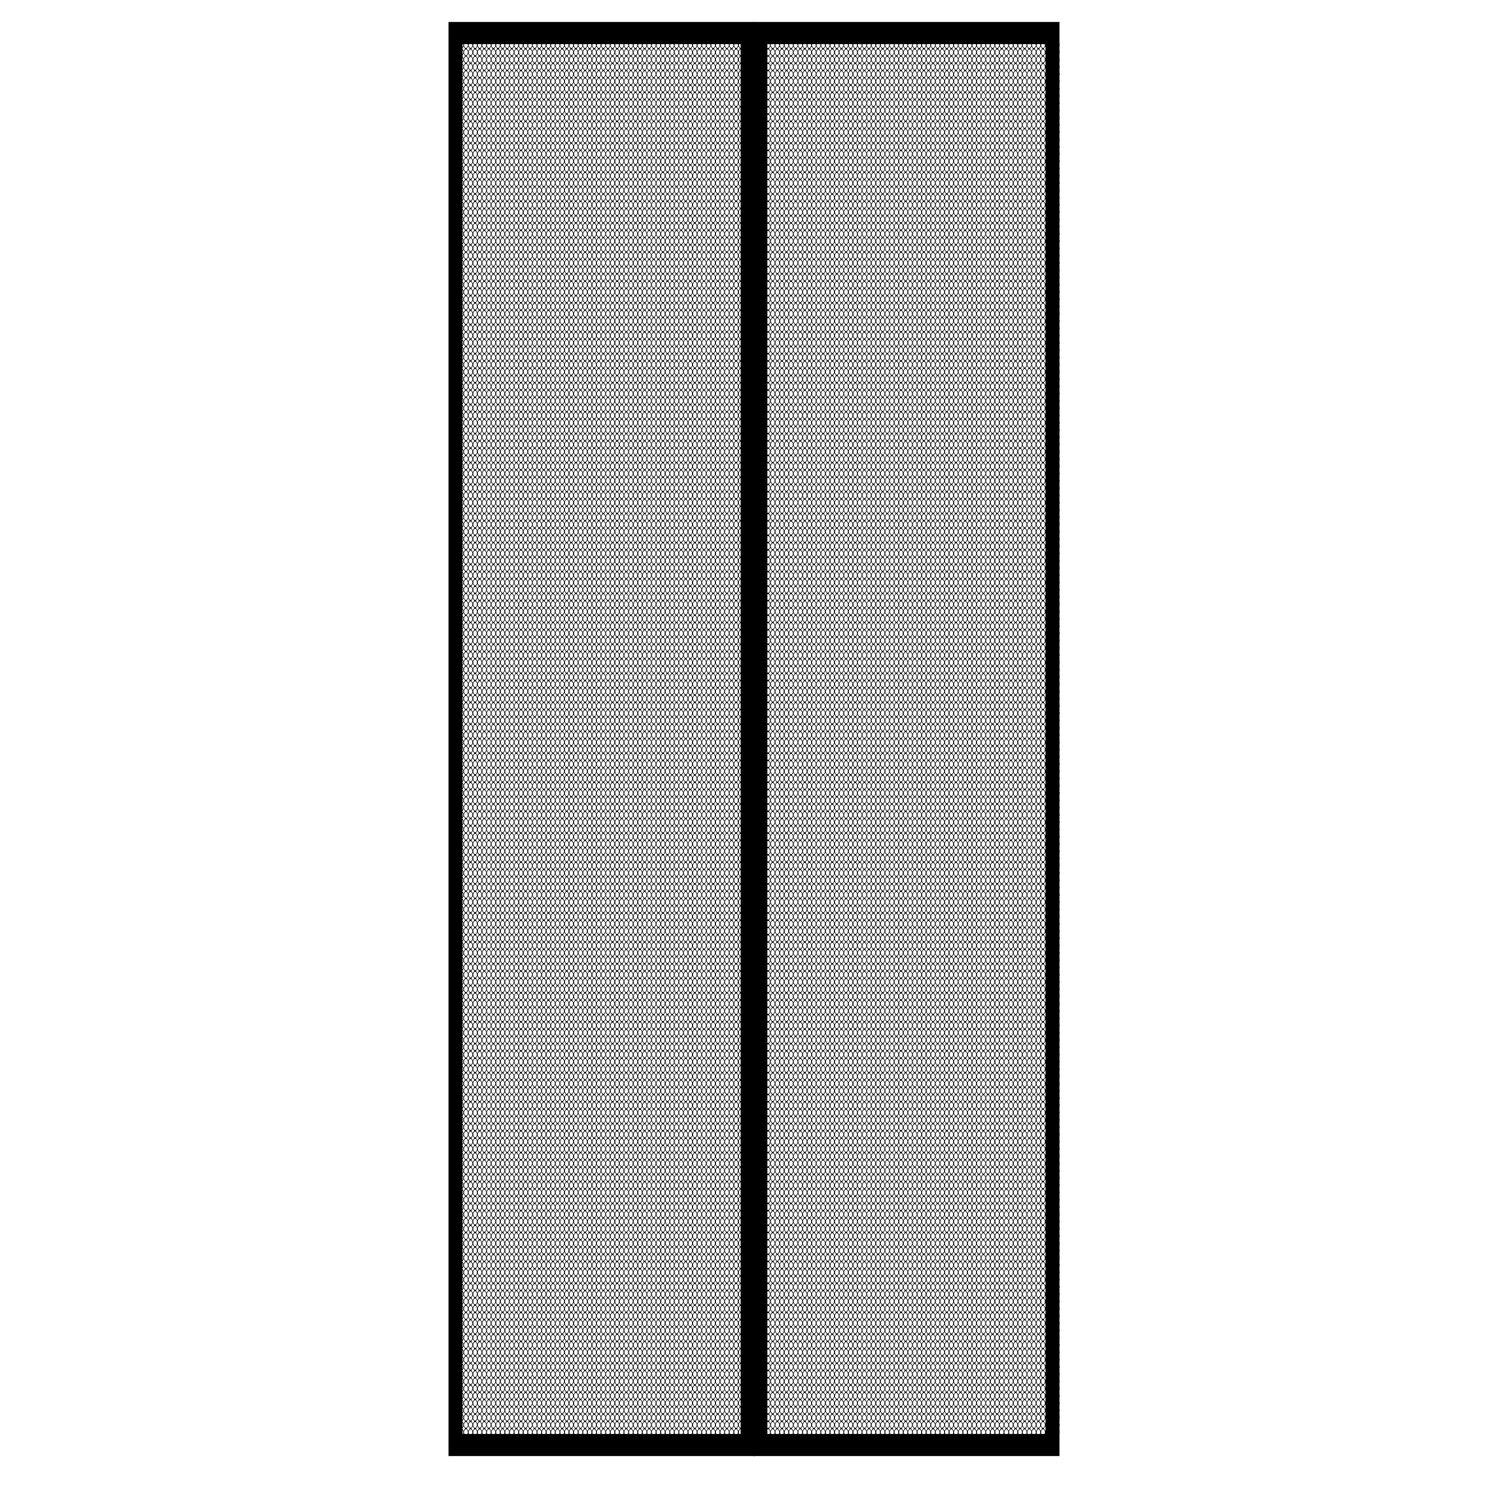 Gockowiak Moskitiera Drzwiowa Magnetyczna Czarna 220 Cm X 100 Cm